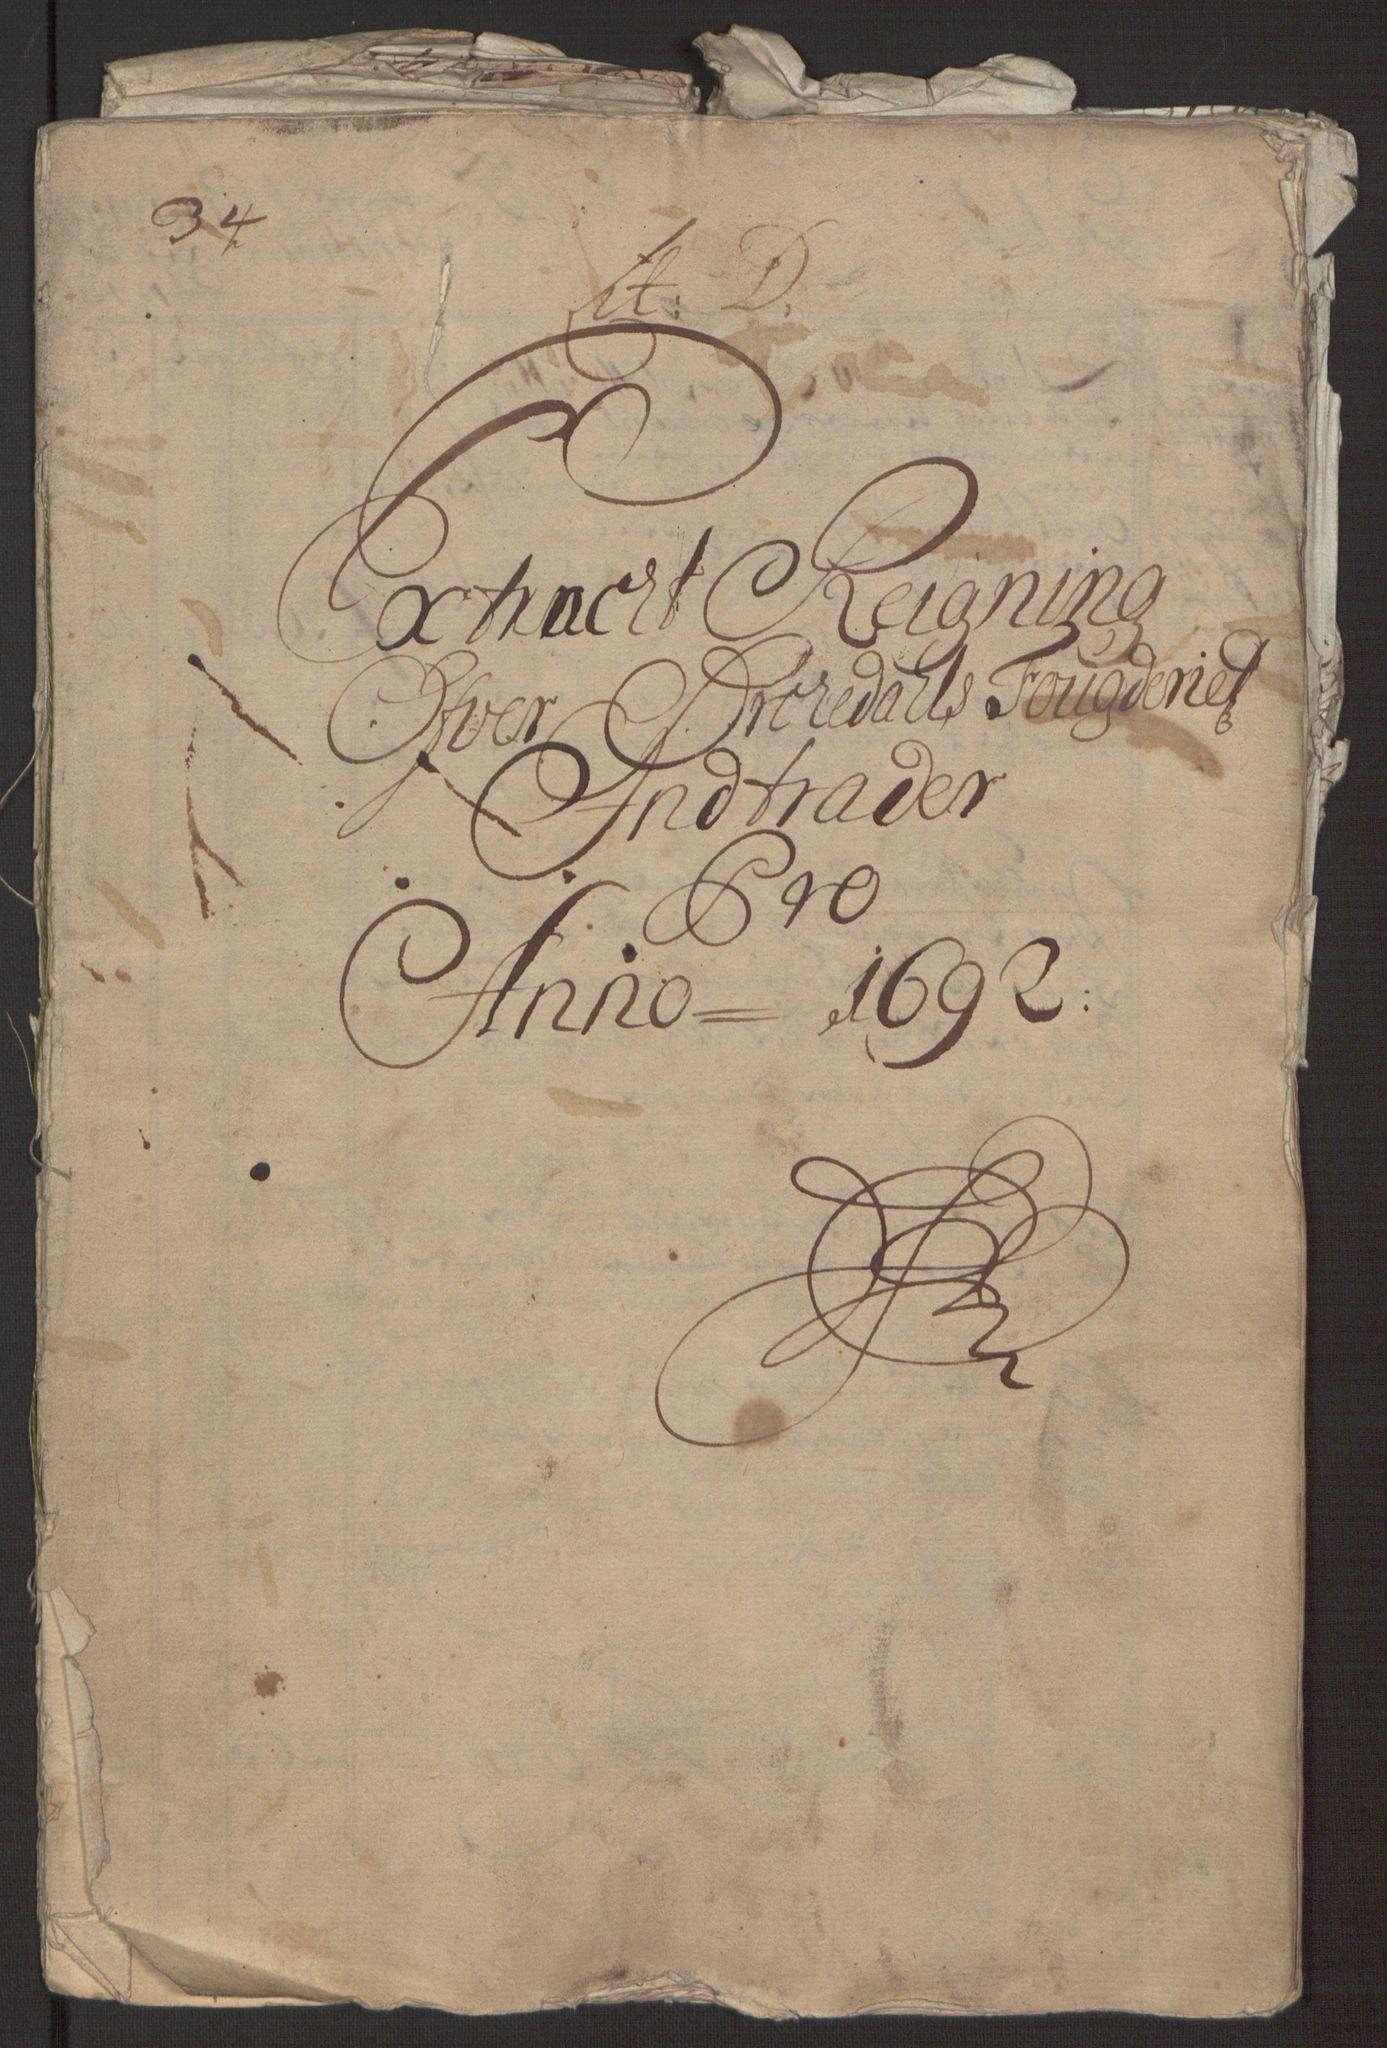 RA, Rentekammeret inntil 1814, Reviderte regnskaper, Fogderegnskap, R58/L3937: Fogderegnskap Orkdal, 1691-1692, s. 176